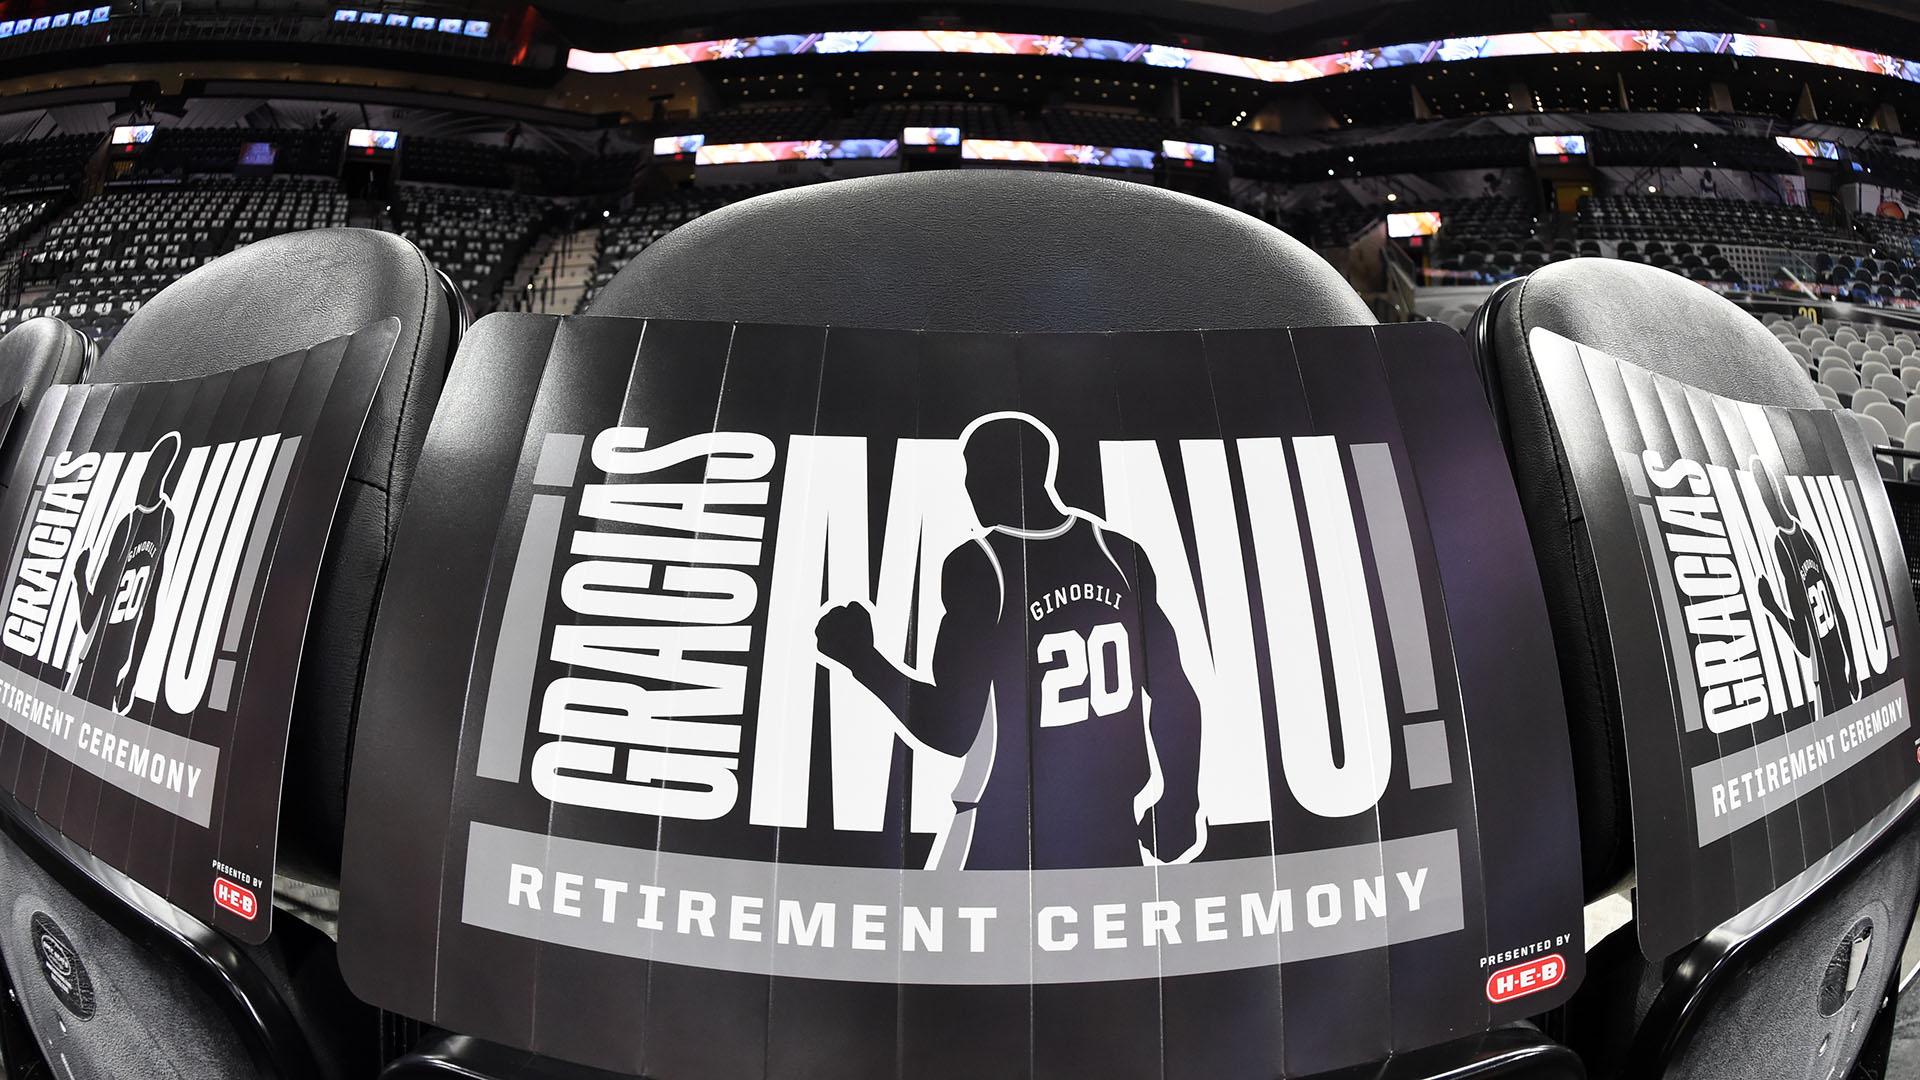 Una vista en primer plano de los signos de la ceremonia de retiro para el NBA, Manu Ginóbili, antes de un partido entre los Cleveland Cavaliers y los San Antonio Spurs